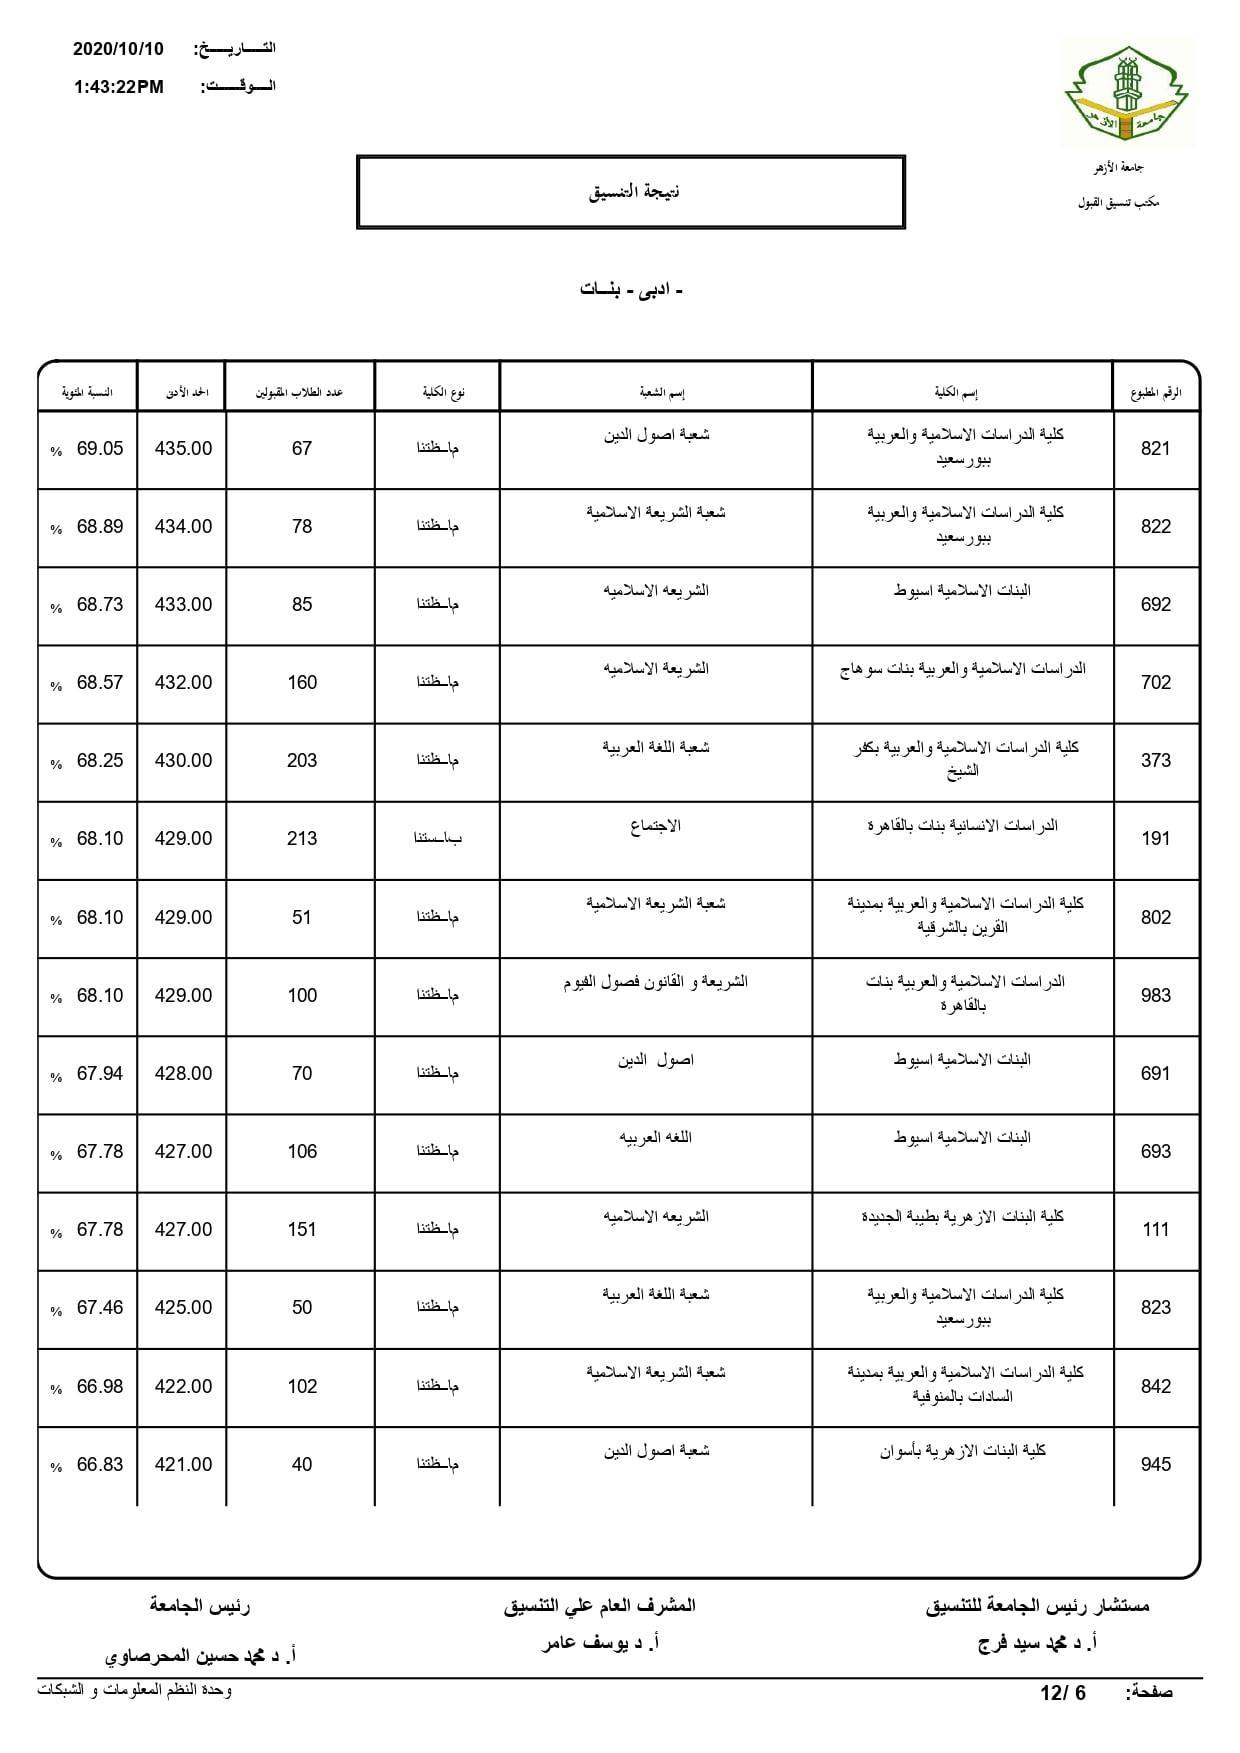 نتيجة تنسيق كليات جامعة الأزهر لعام 2020 بالكامل 20201010202556926